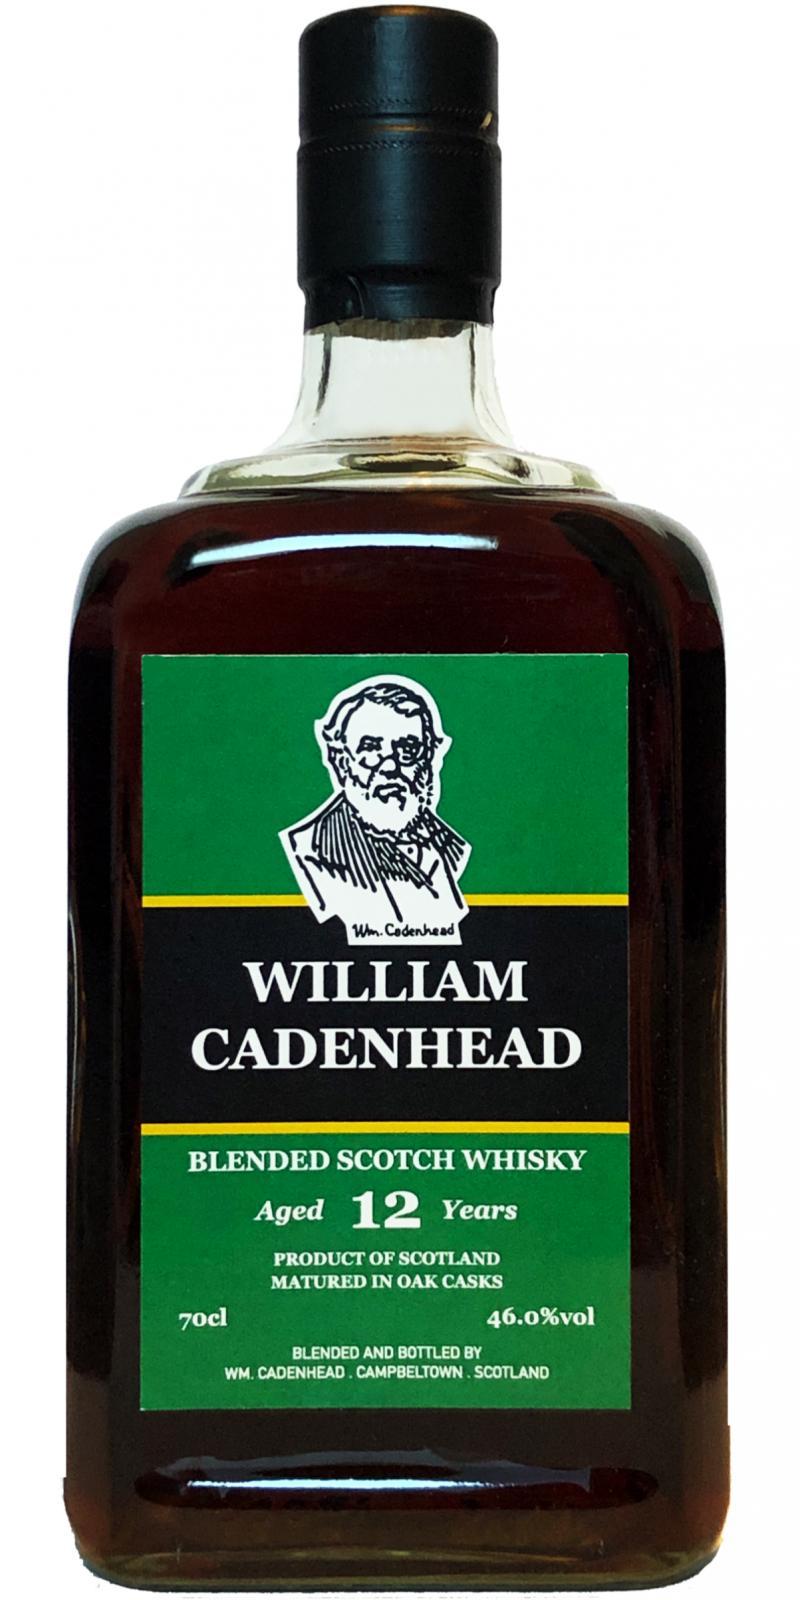 William Cadenhead 12-year-old CA